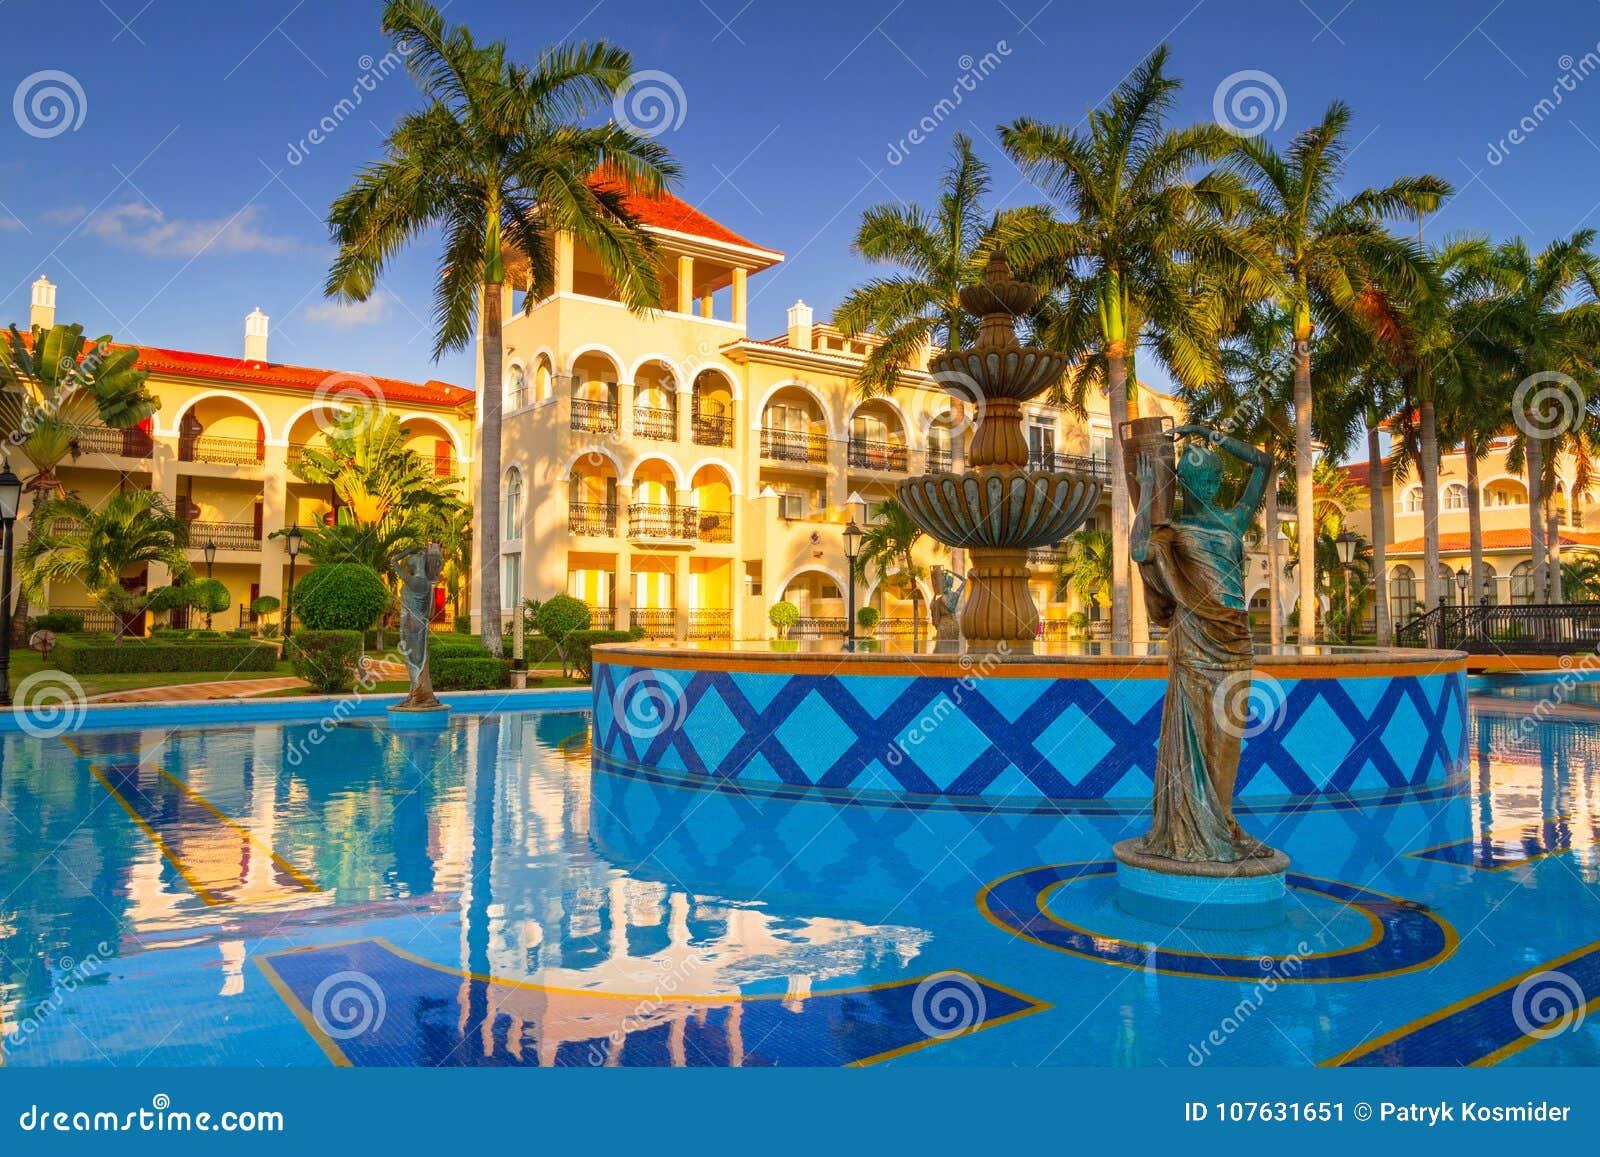 Paesaggio di lusso della piscina nel messico fotografia editoriale